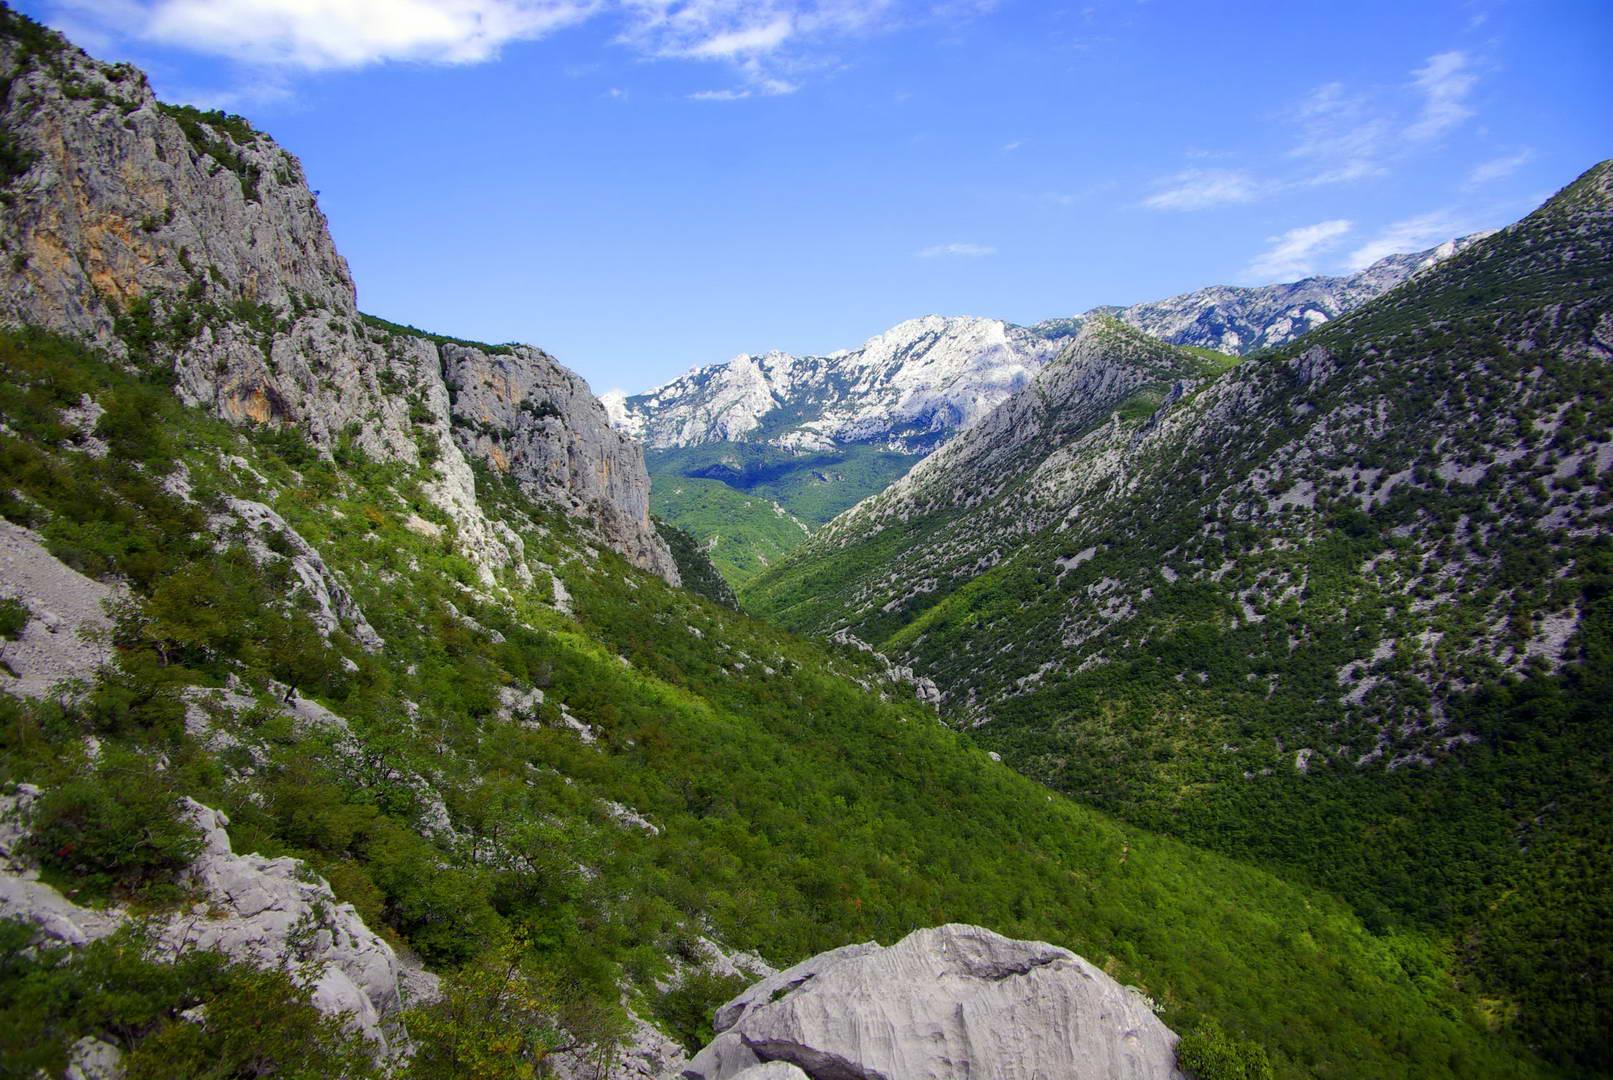 V národním parku se nachází dva kaňony – Malá a Velká Paklenica.